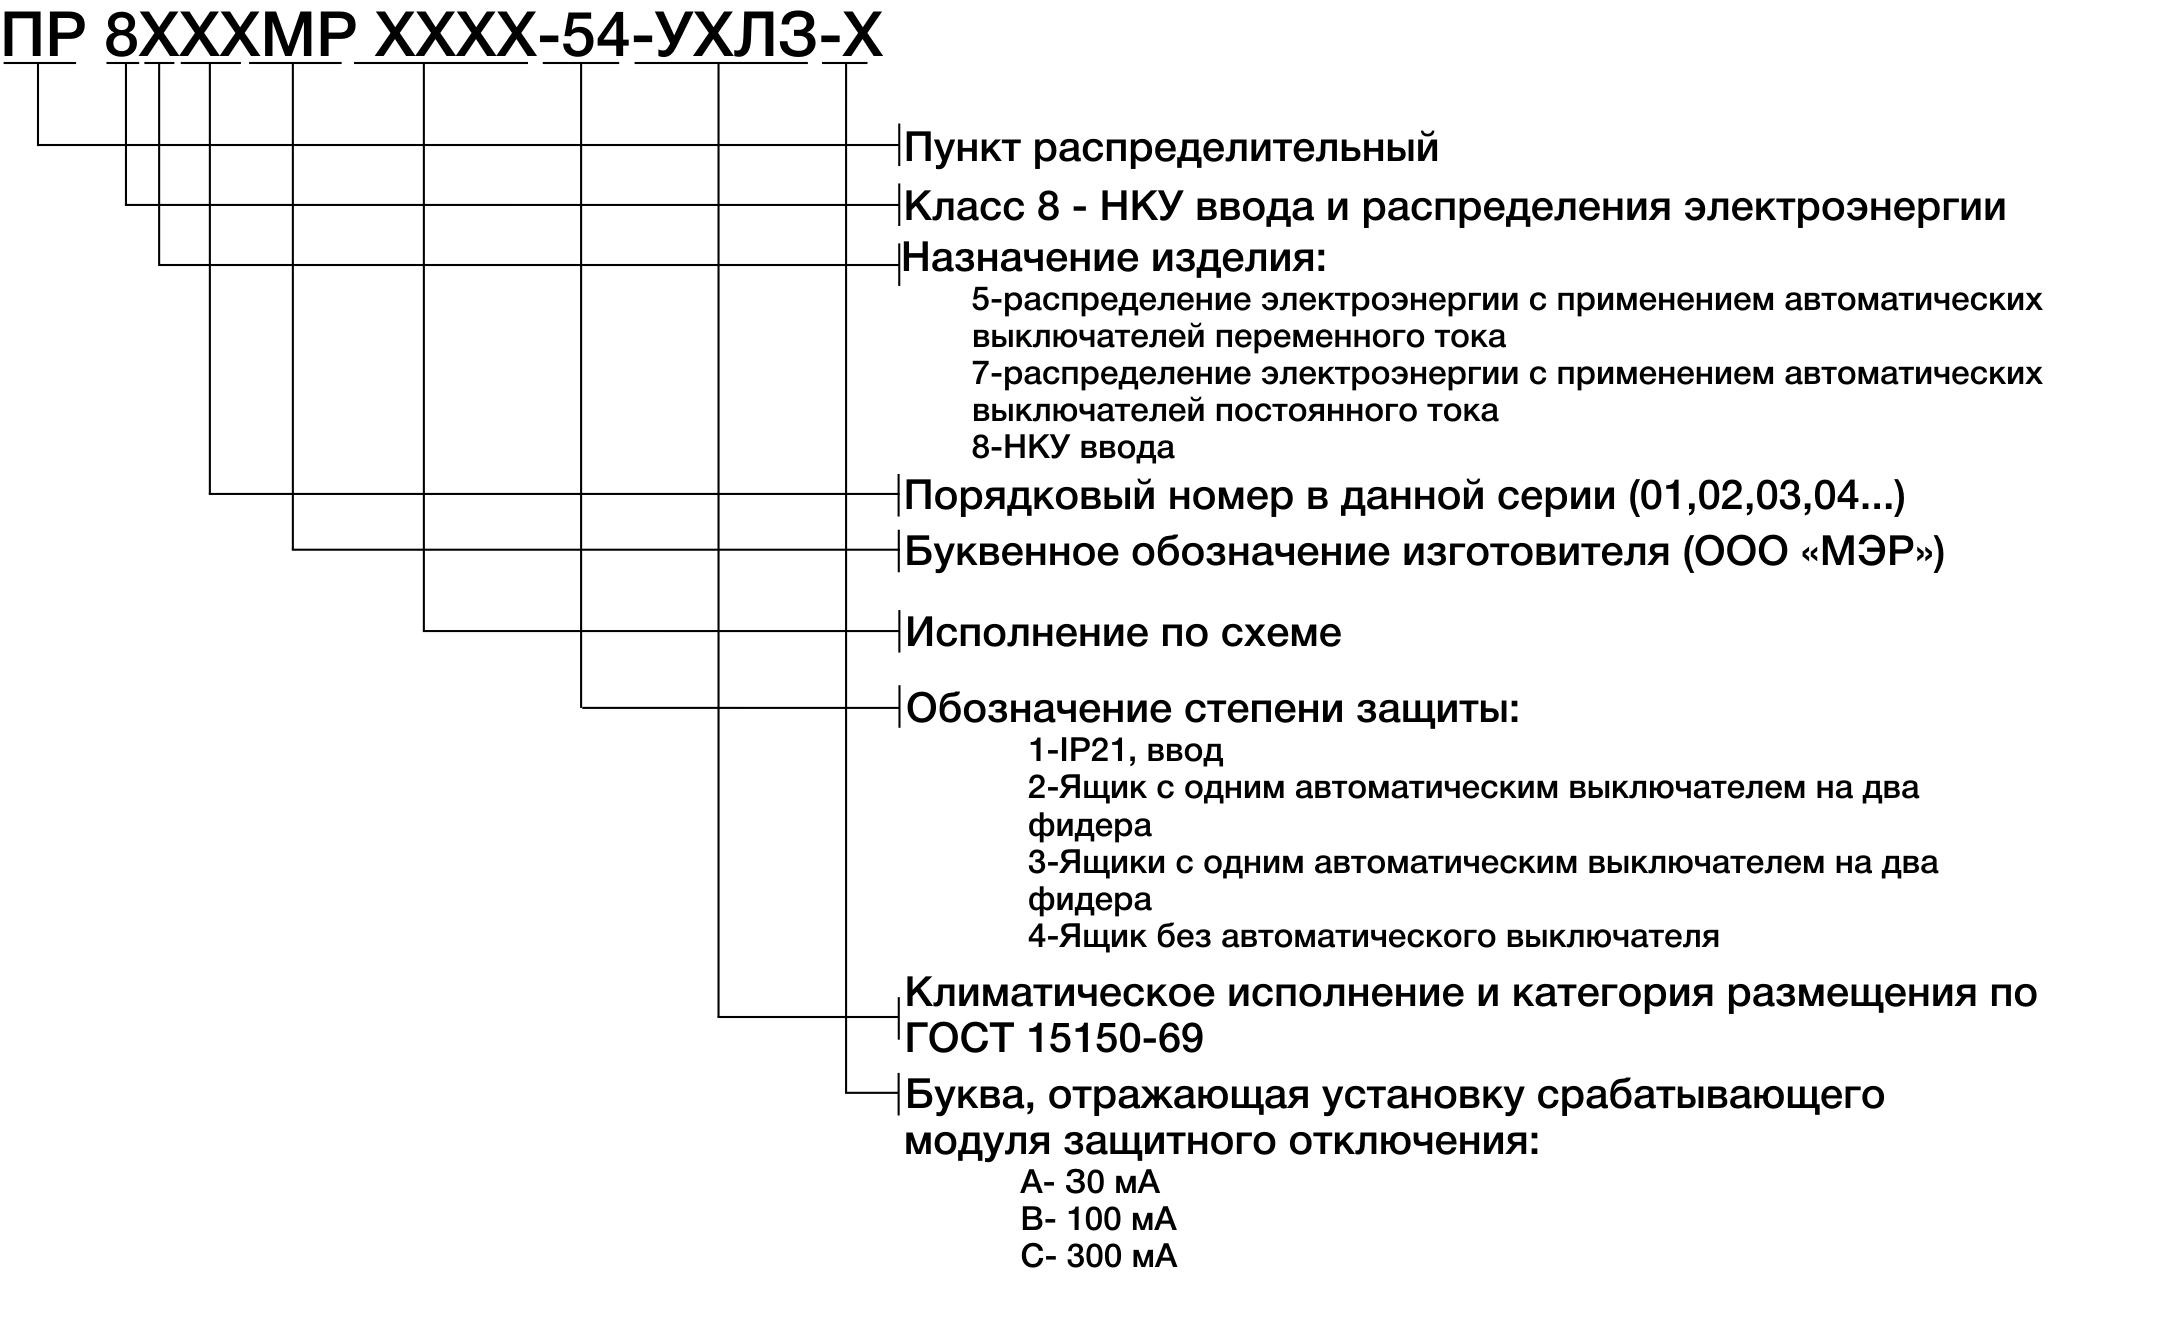 Структура условного обозначения пунктов ПР-8804МР